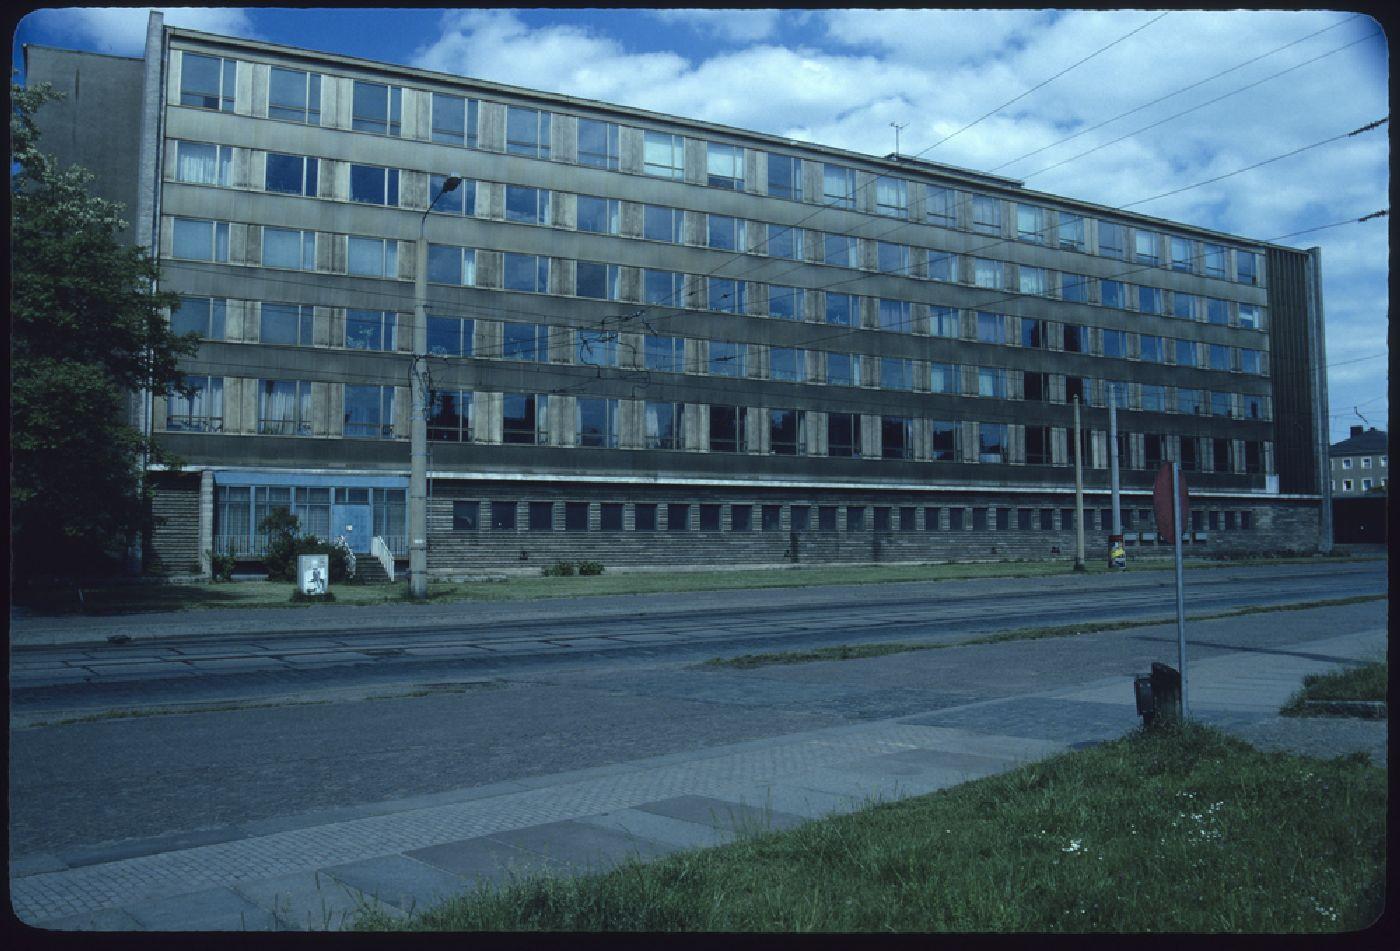 Das Postgebäude in den frühen 1990er Jahren ... Foto: Lothar Lange